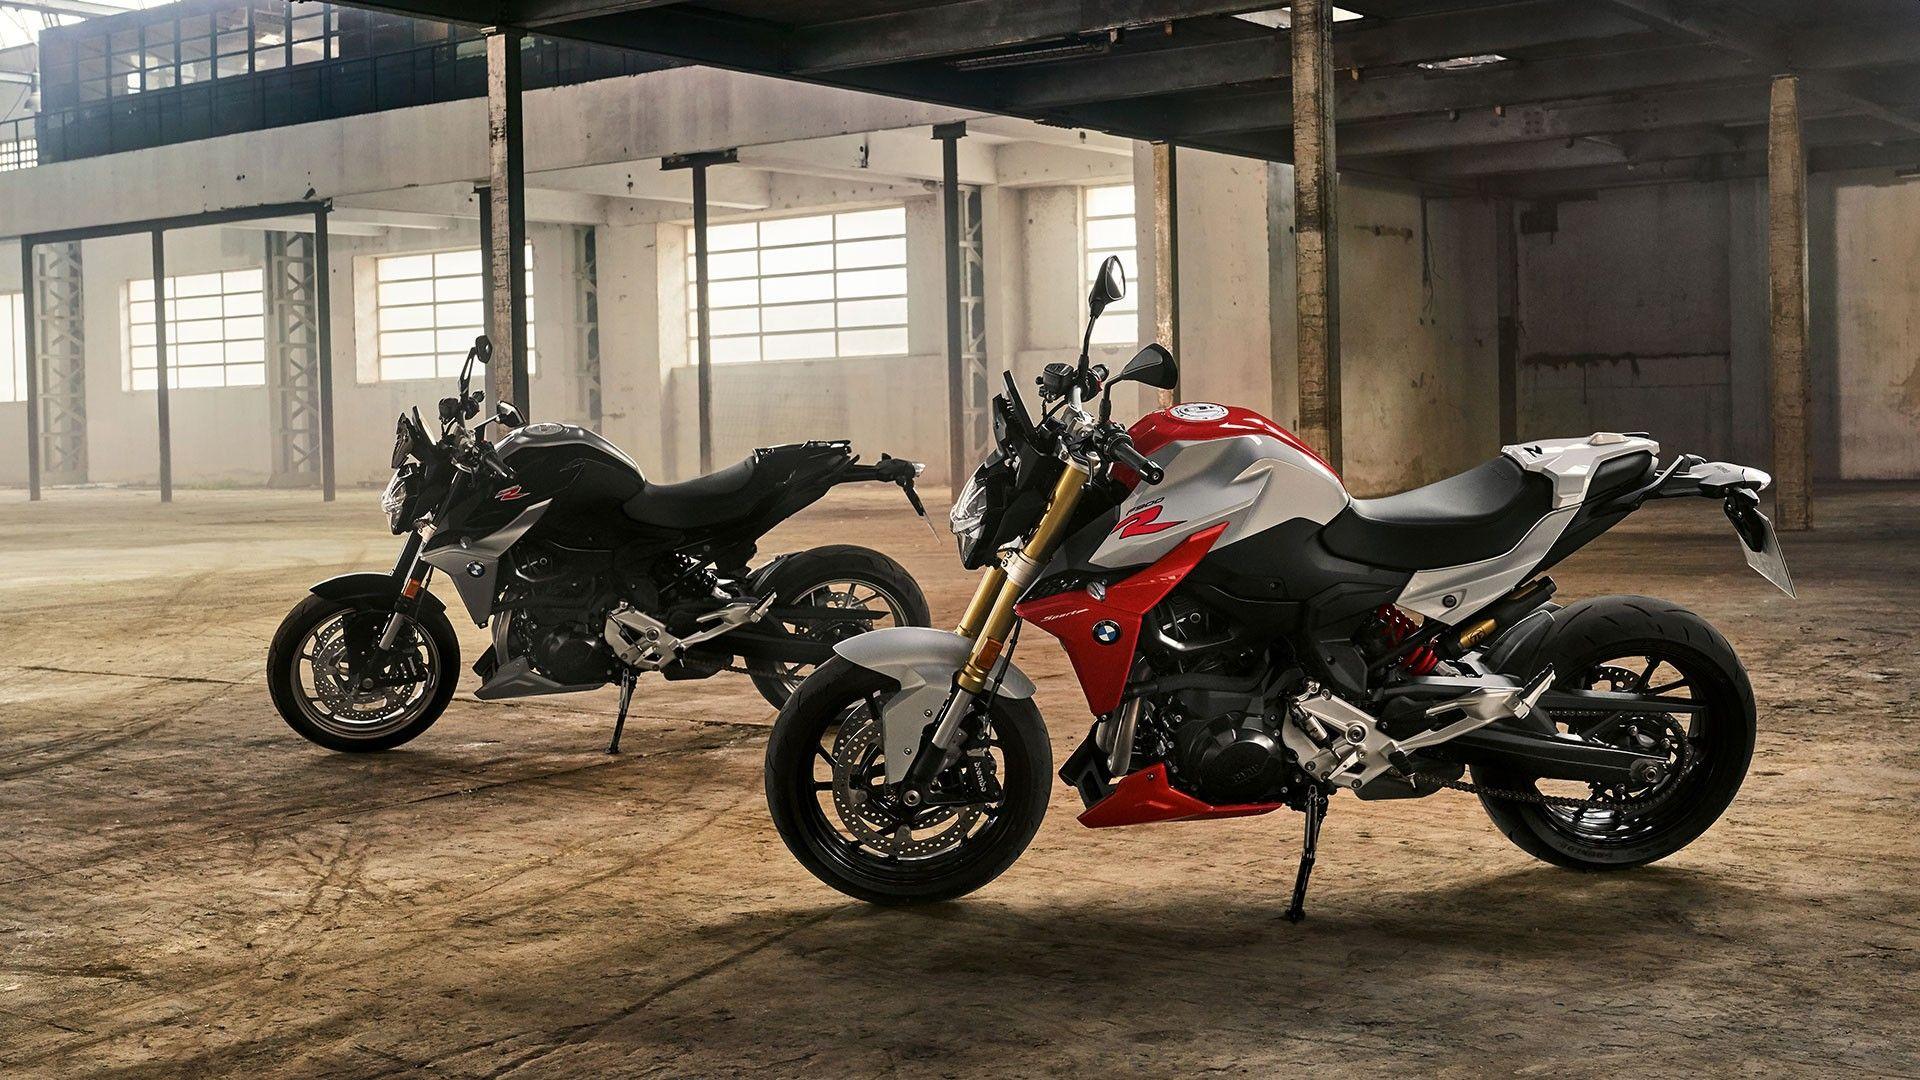 Bmw Motosiklet Fiyat Listesi 2020 Nisan In 2020 Bmw Bmw Sport Bmw Motorcycle